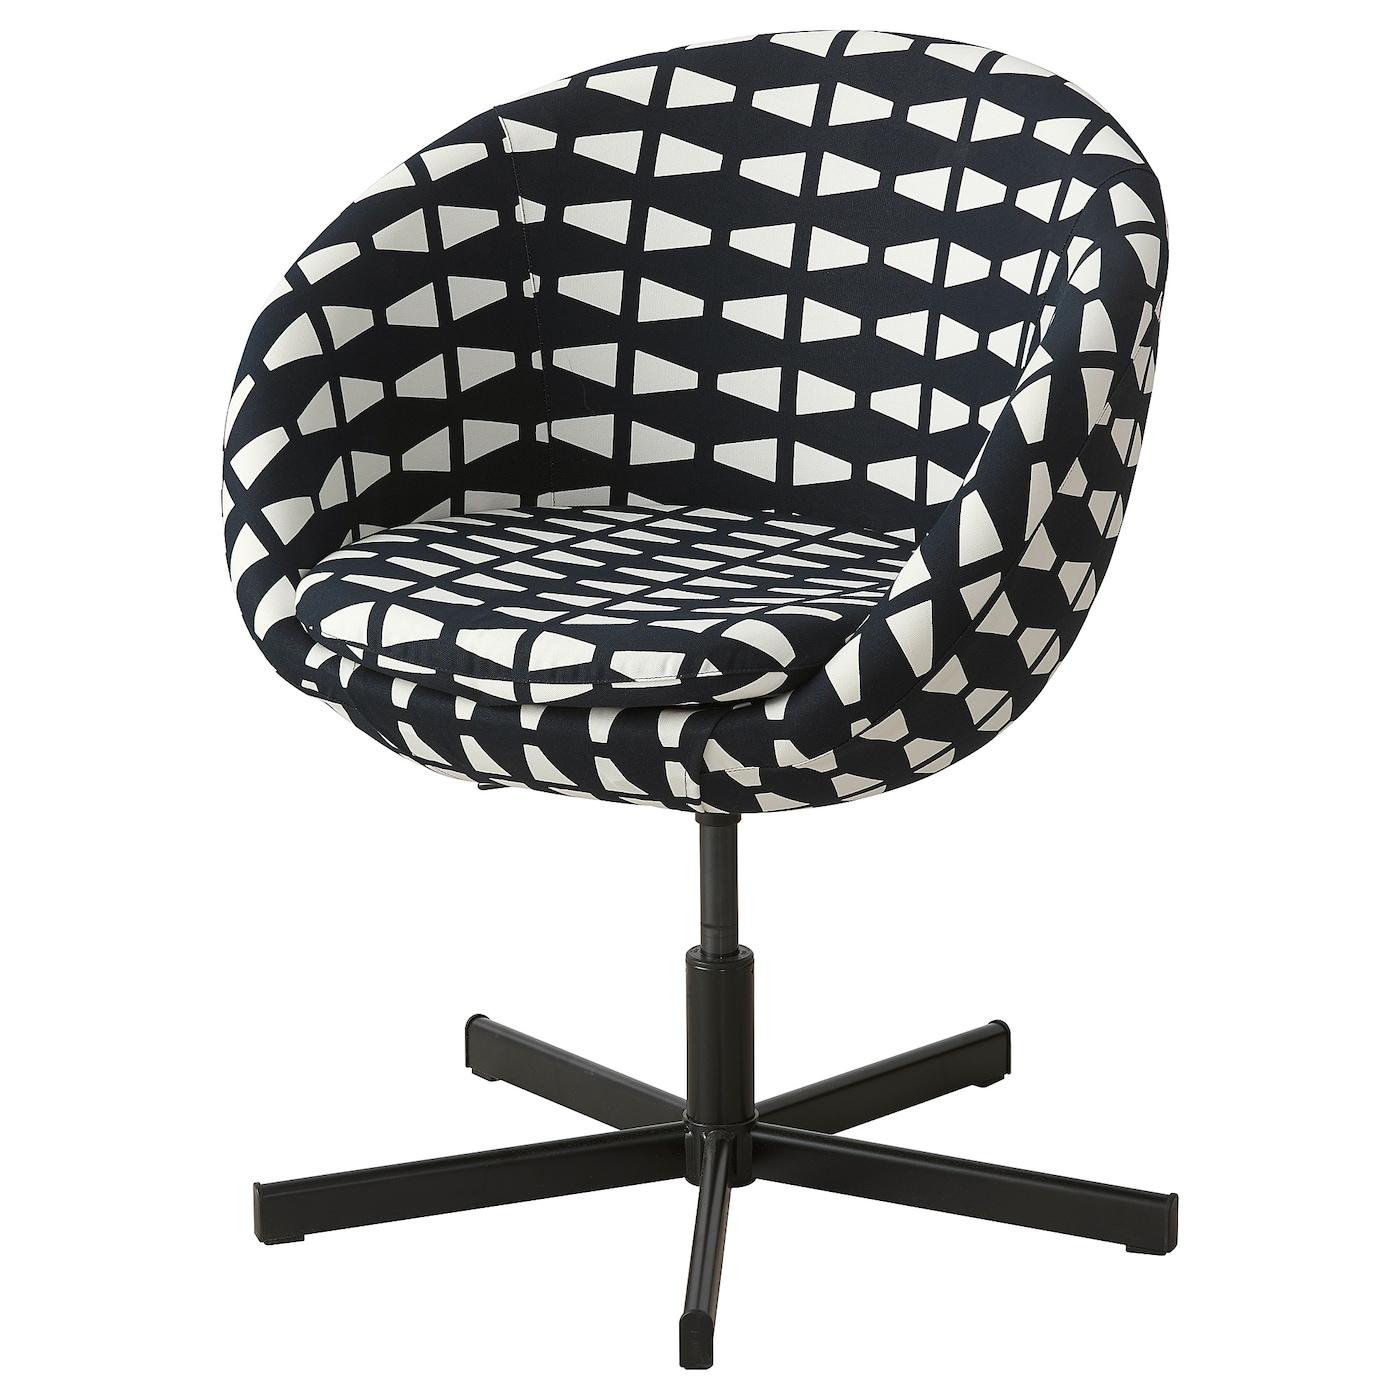 IKEA SKRUVSTA czarno-białe krzesło obrotowe